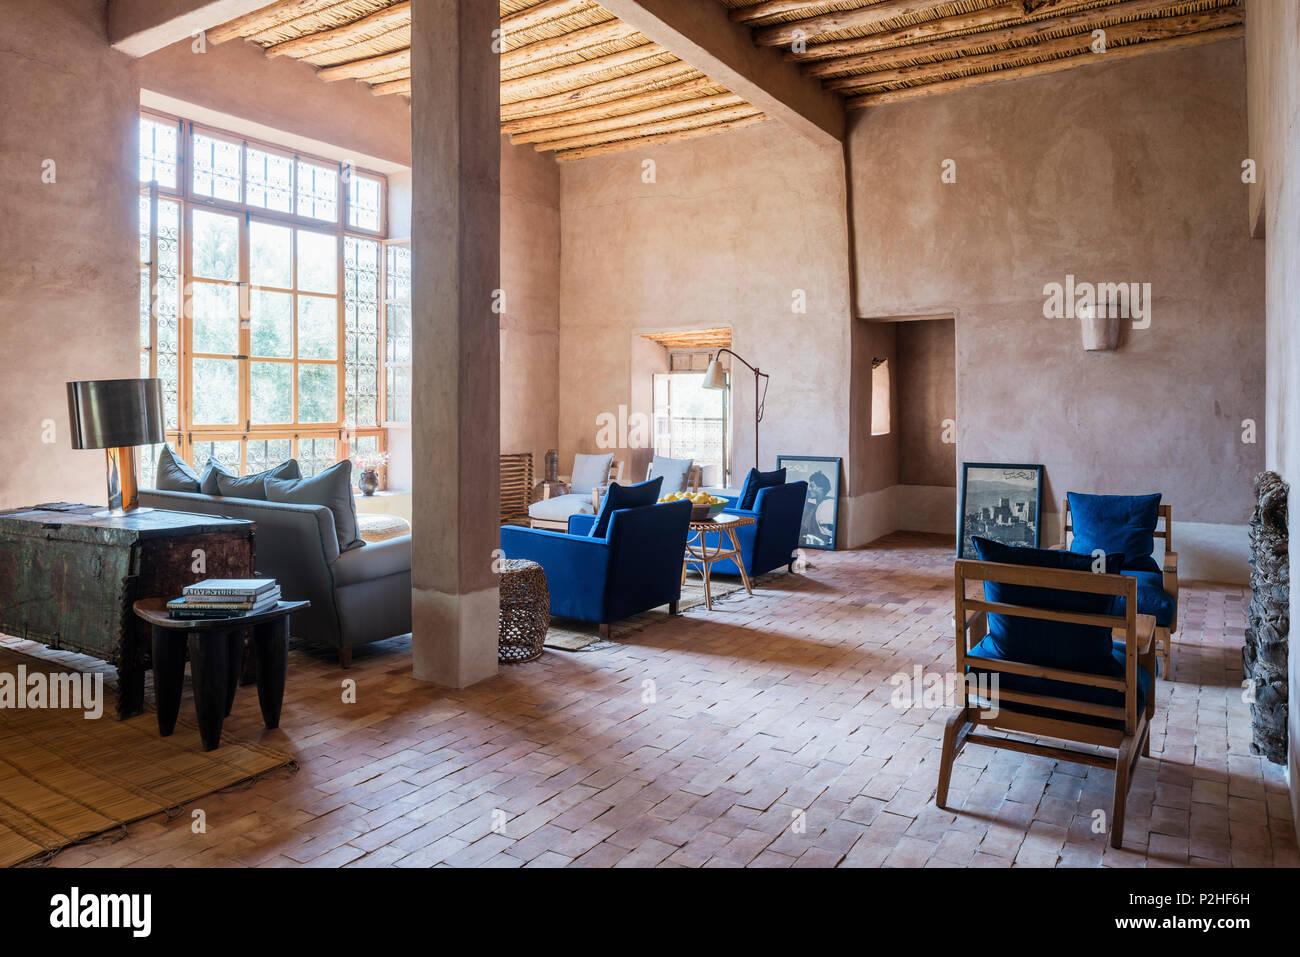 Moucharabieh Fenster im Wohnzimmer/Salon mit Holzdecke und ...